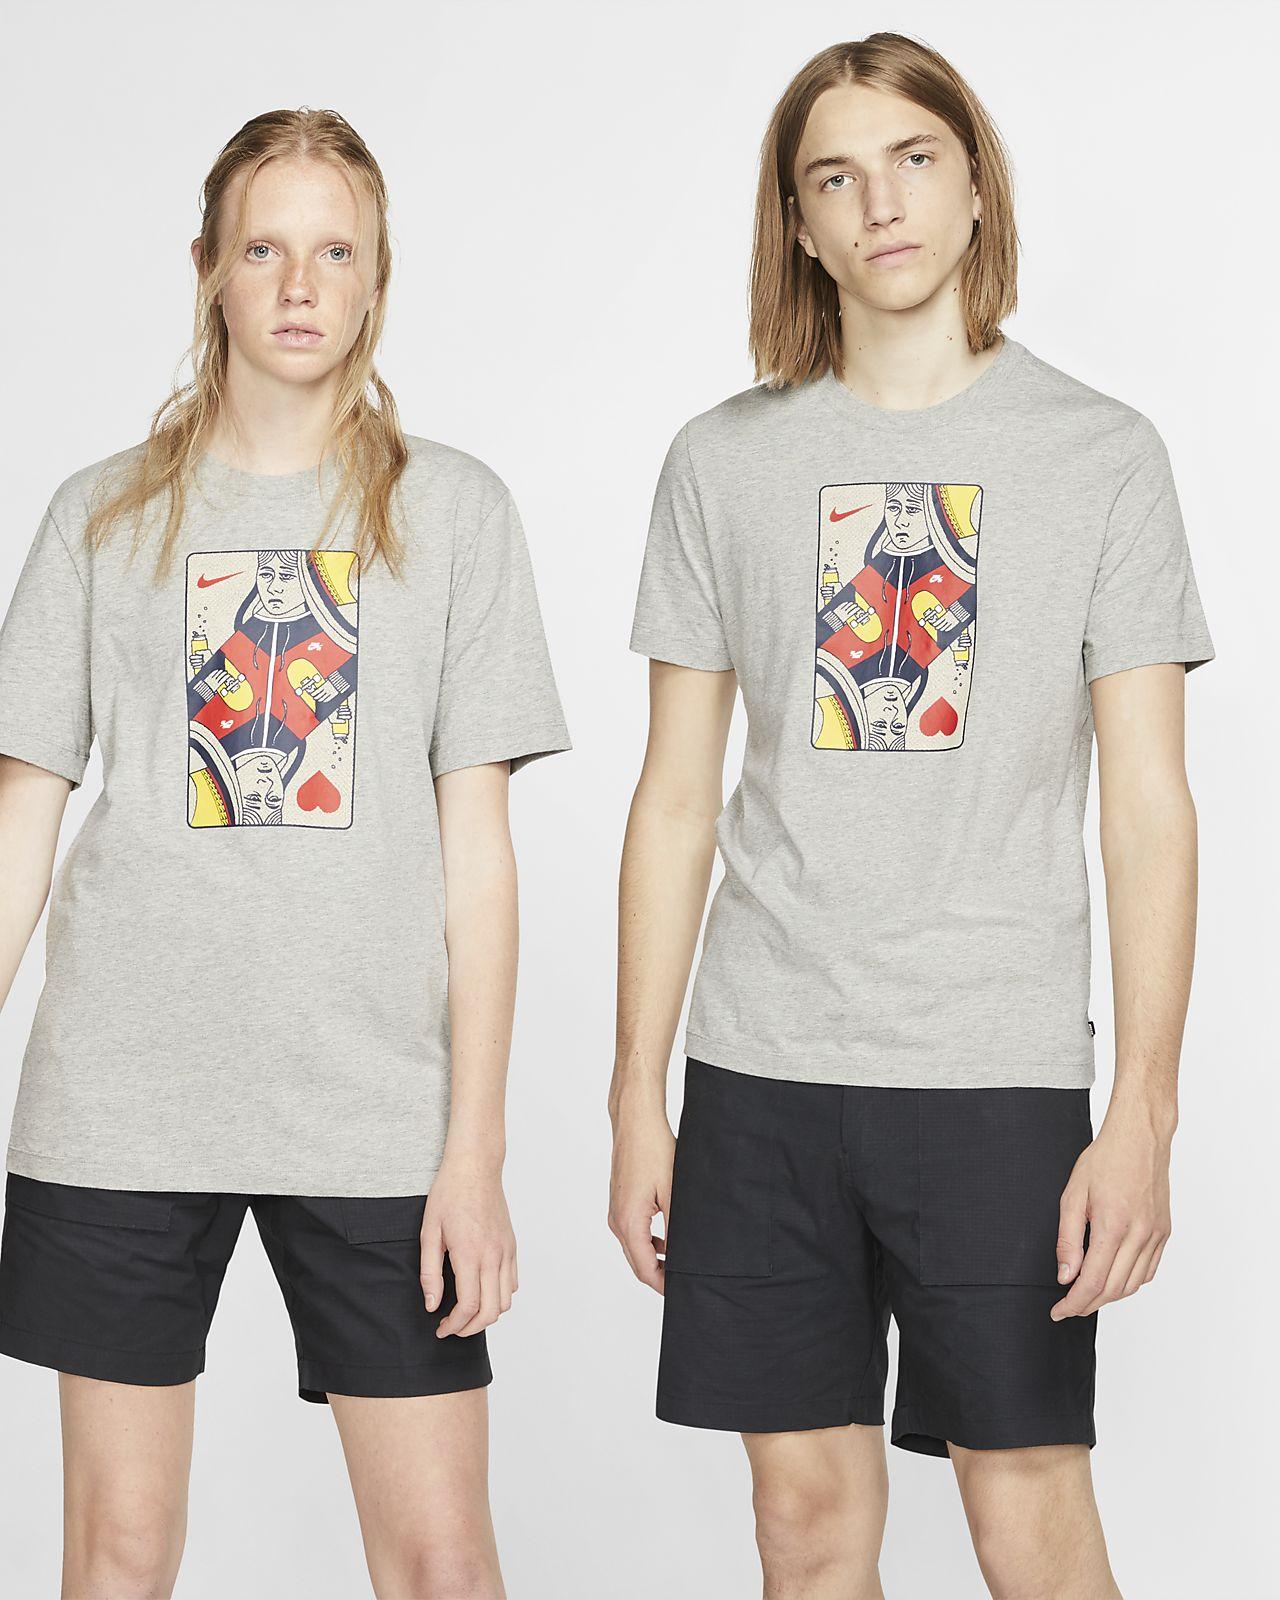 Nike SB-skater-T-shirt